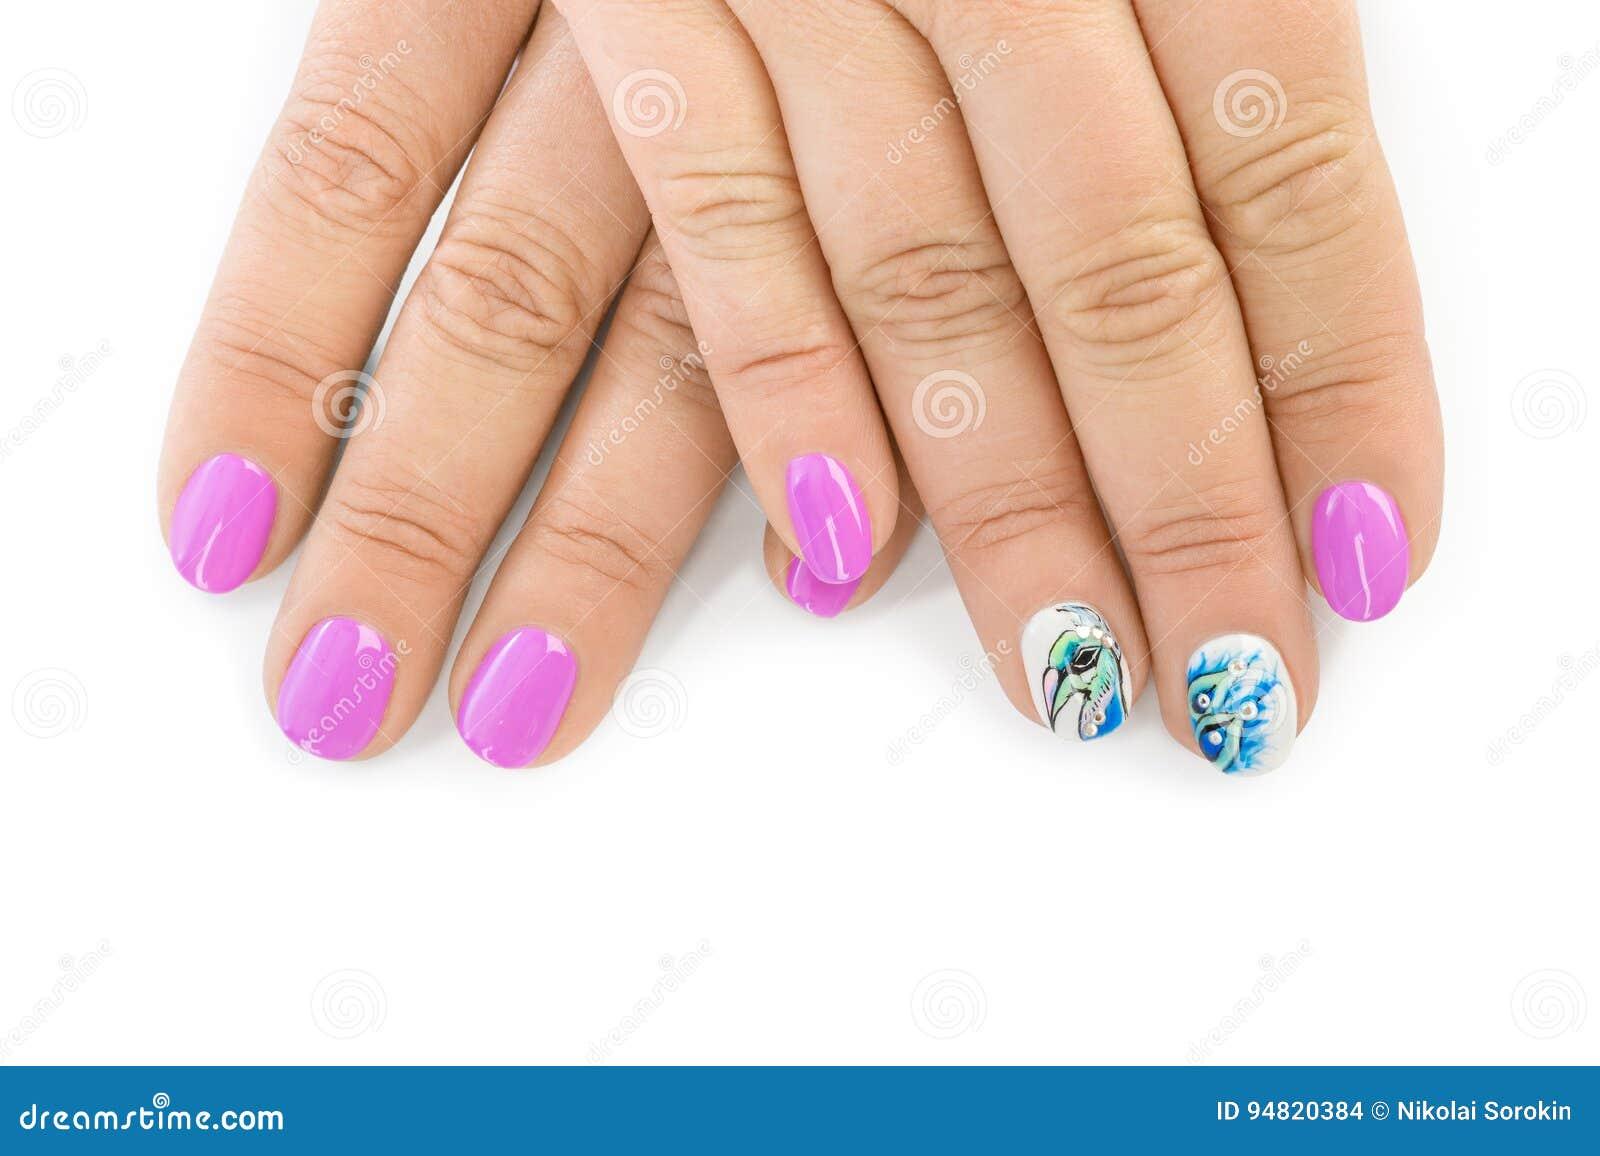 download fingernagel mit muster stockfoto bild von abschlu make 94820384 - Muster Fingernagel